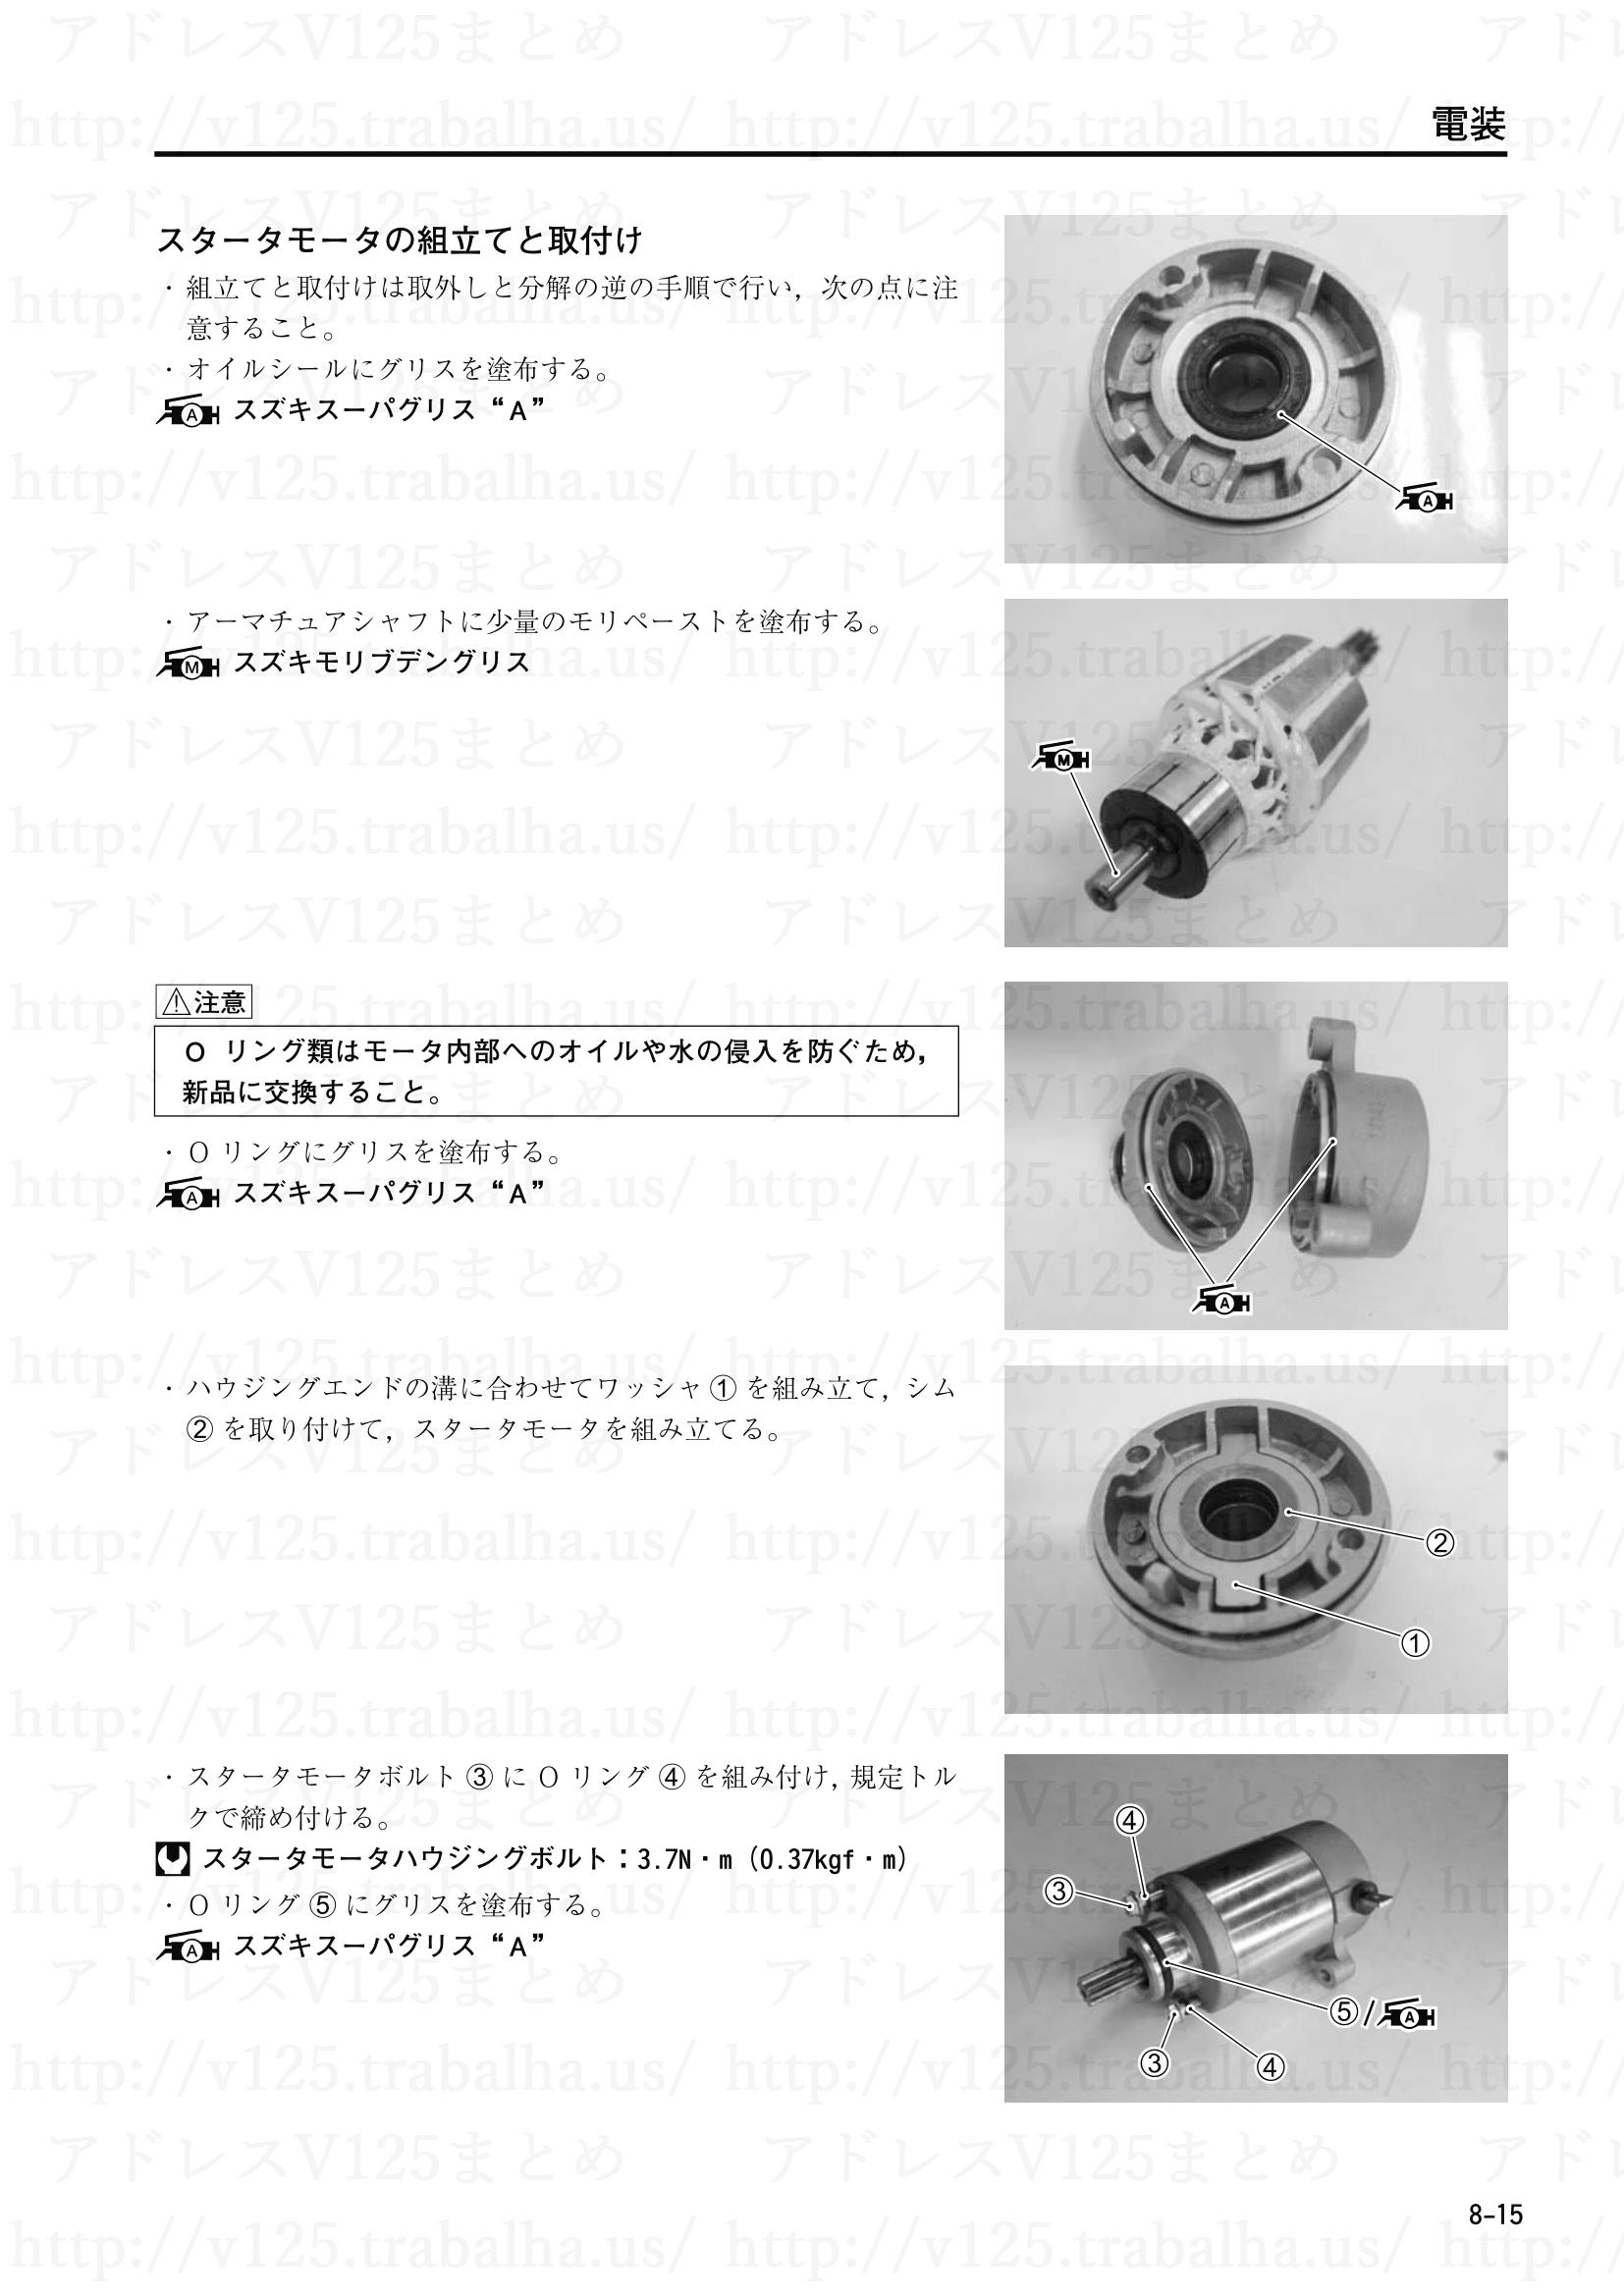 8-15【電装】スタータモータの組立てと取付け1